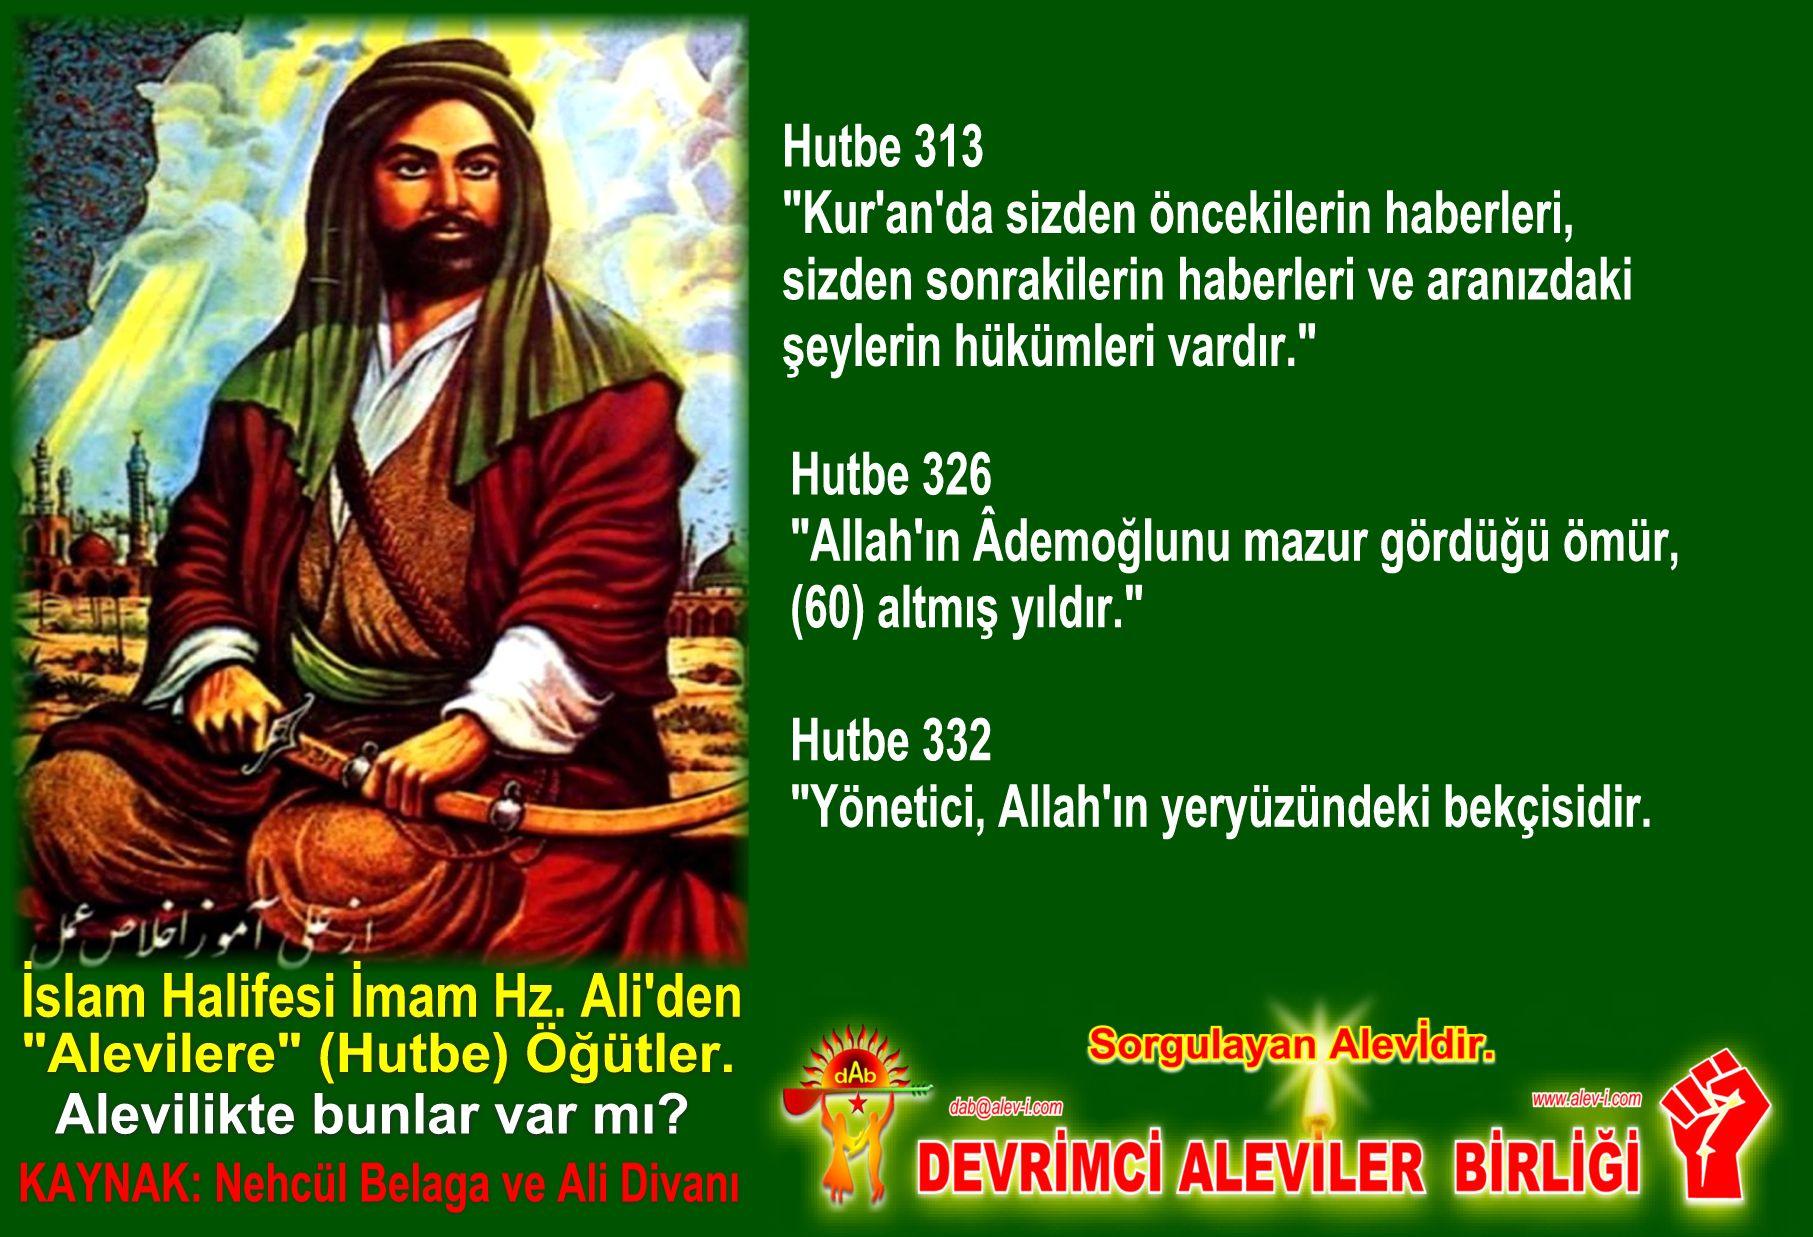 12 Hz imam Ali divani Alevi bektasi kizilbas pir sultan cemevi cem semah devrimci aleviler birligi DAB Feramuz Sah Acar halife imam hz ali den hutbe ogut inciler 11